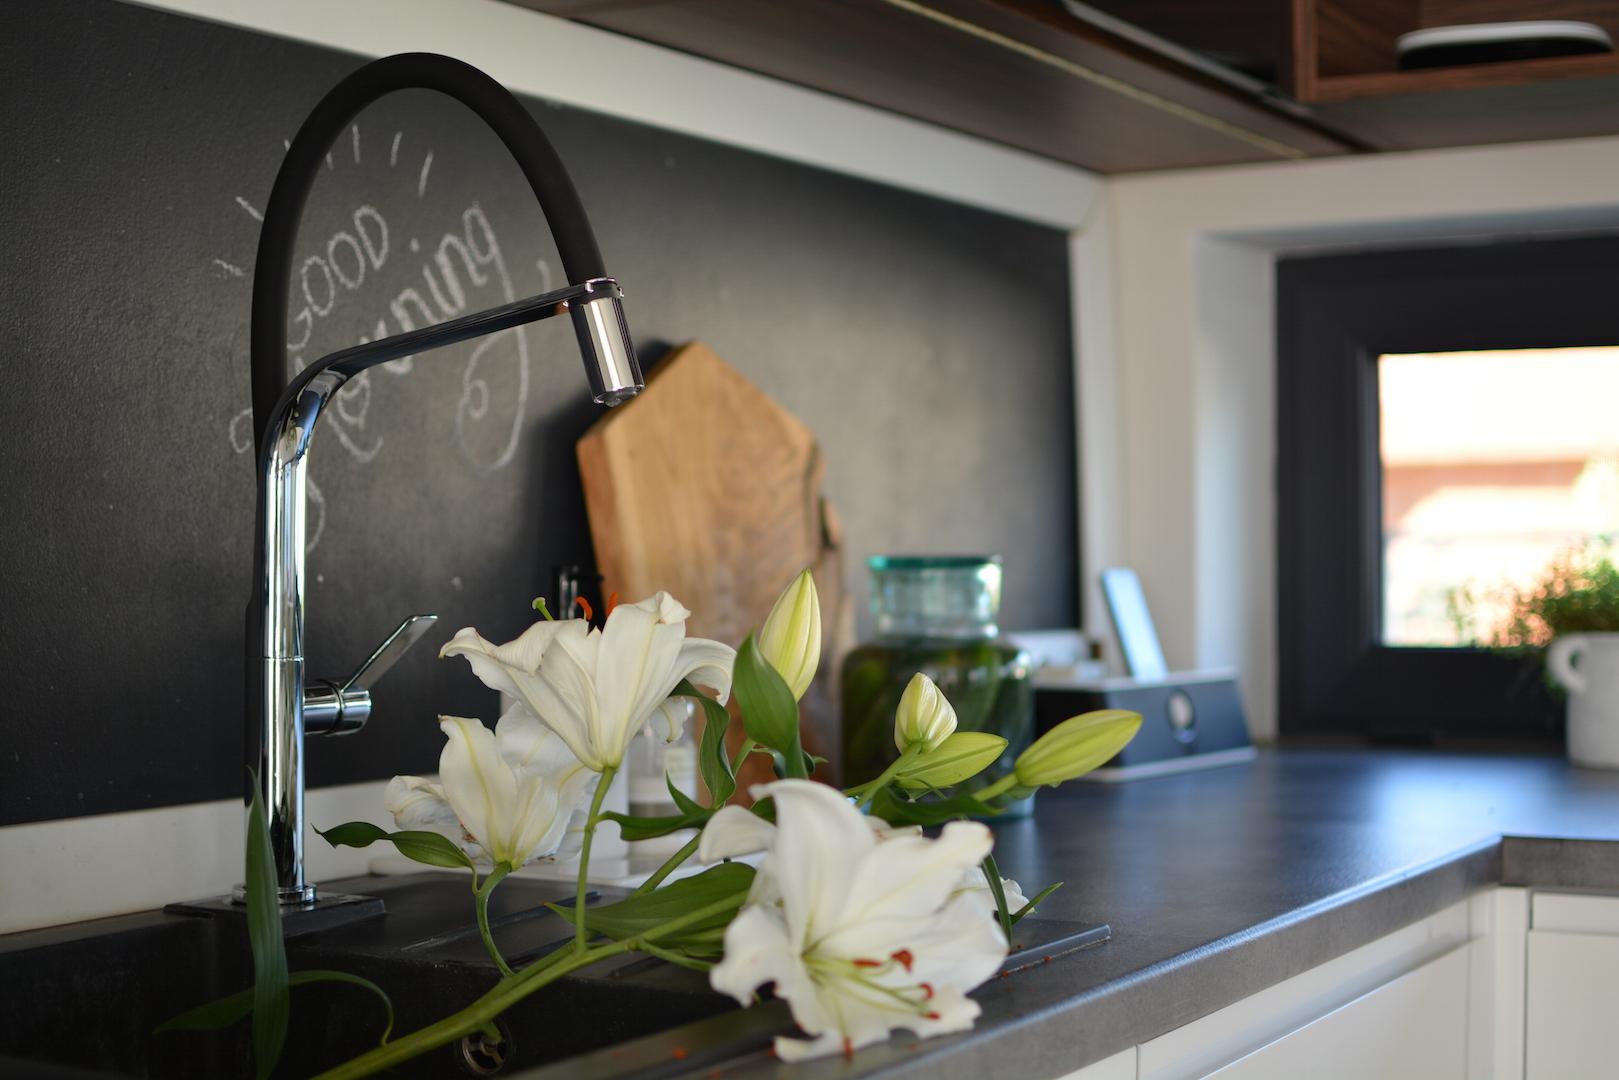 moja kuchnia, styl skandynawski, scandi, kitchen, kuchnia biało czarna, kuchnia nowoczesna, otwarte półki